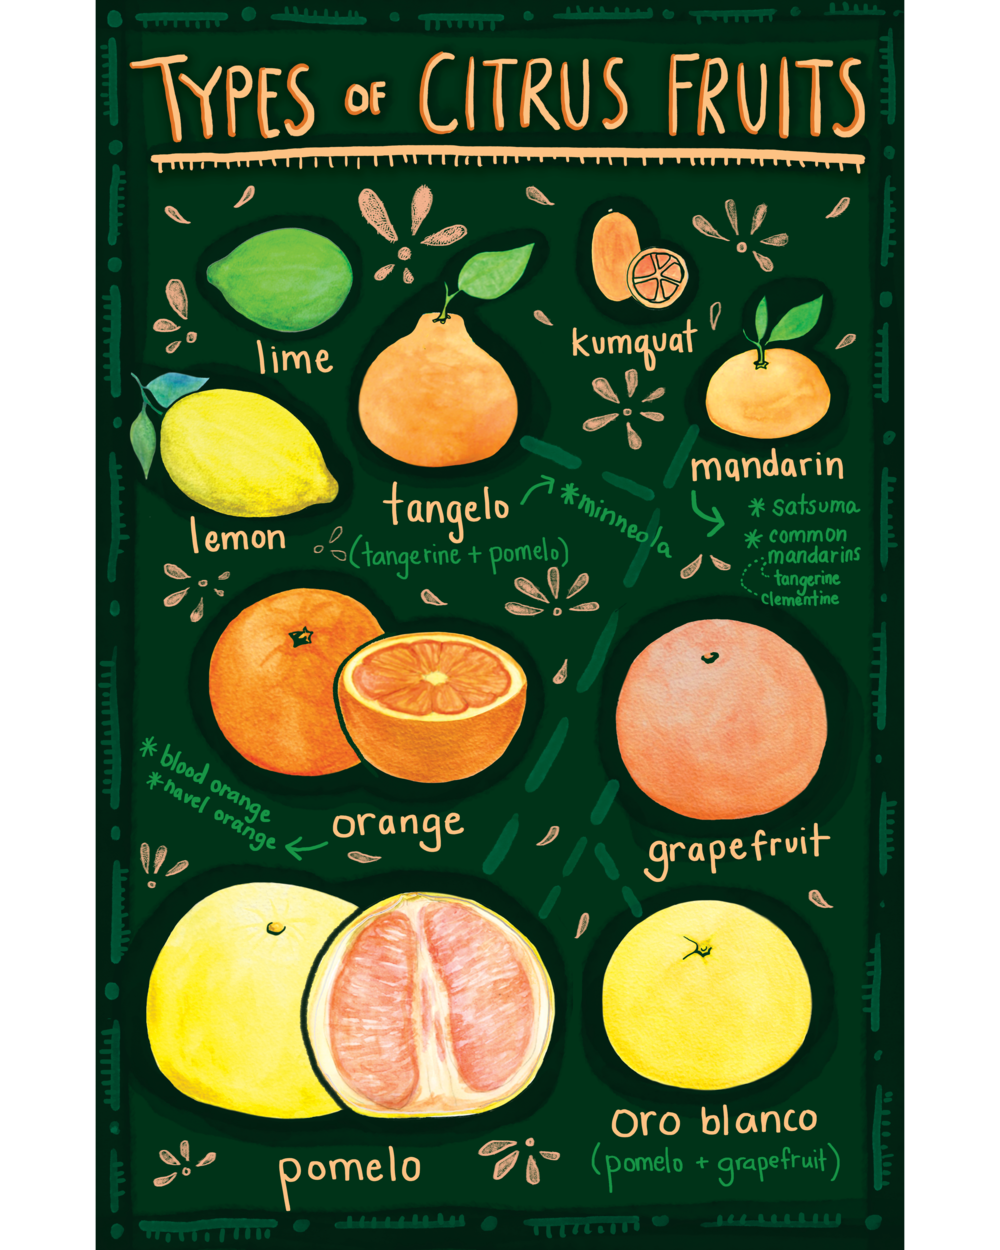 citrusposter copy.png